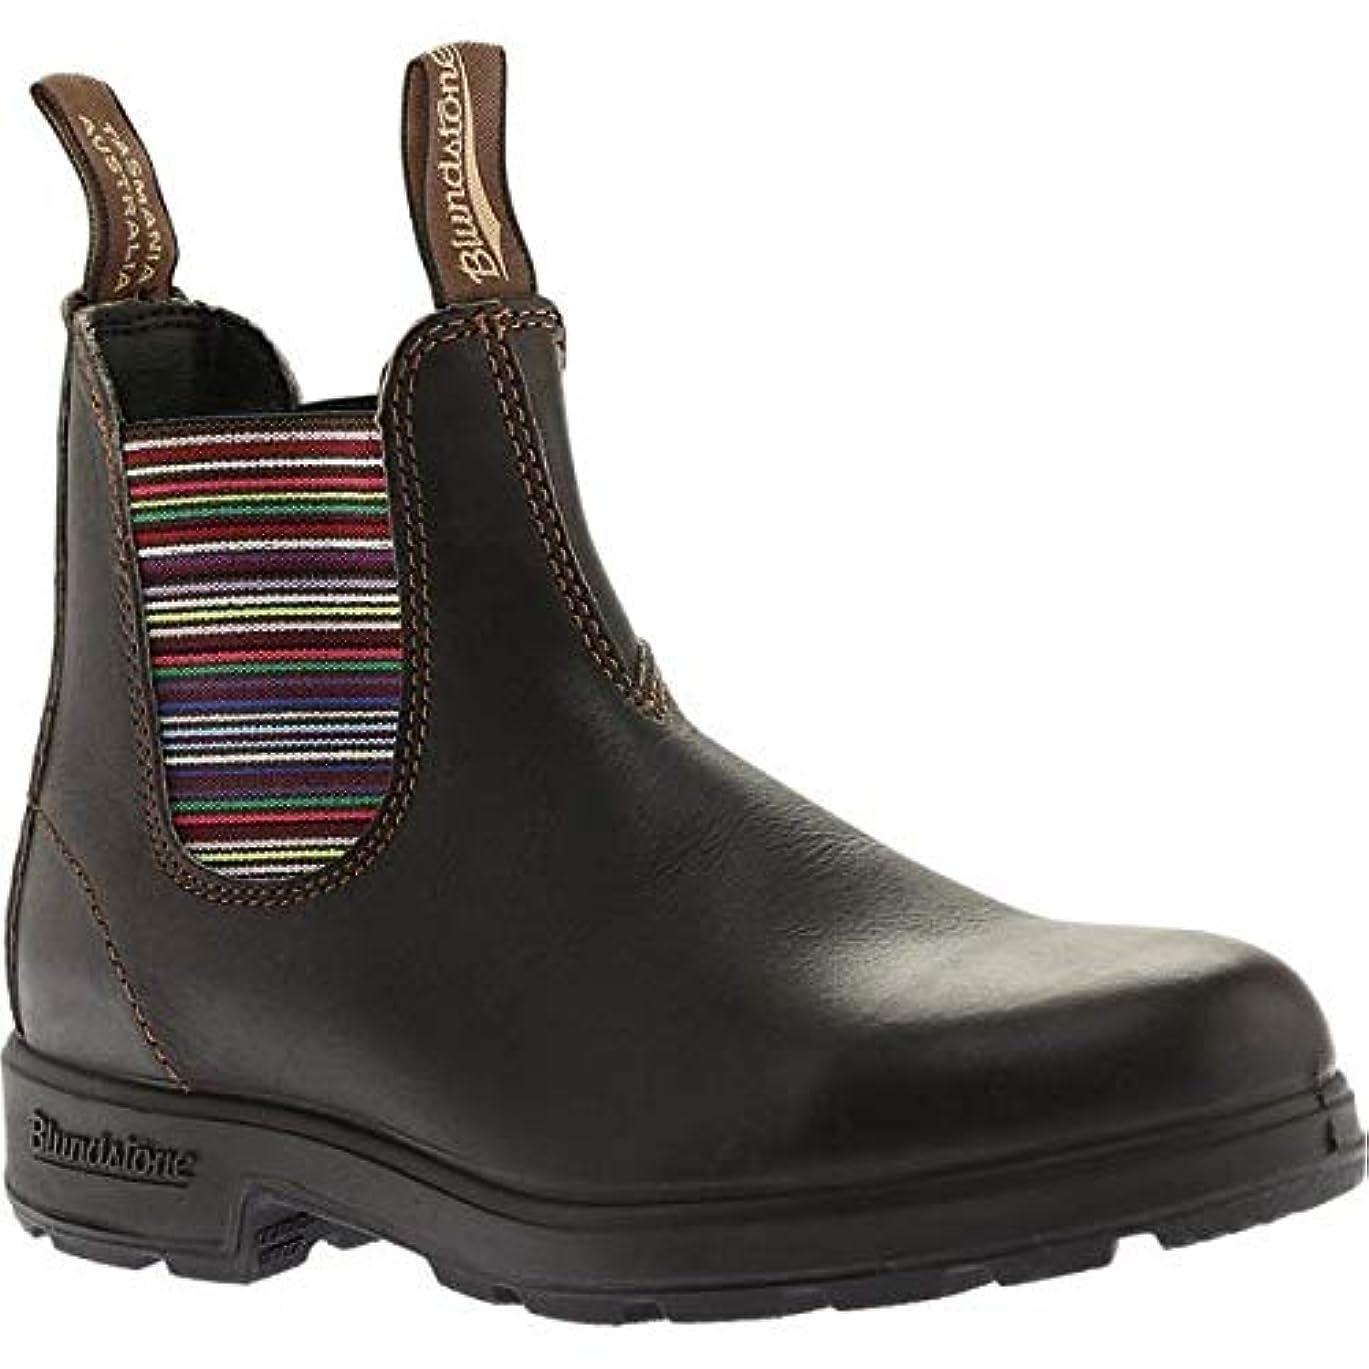 例外効能どういたしまして[ブランドストーン] レディース ブーツ&レインブーツ Original 500 Series Boot [並行輸入品]